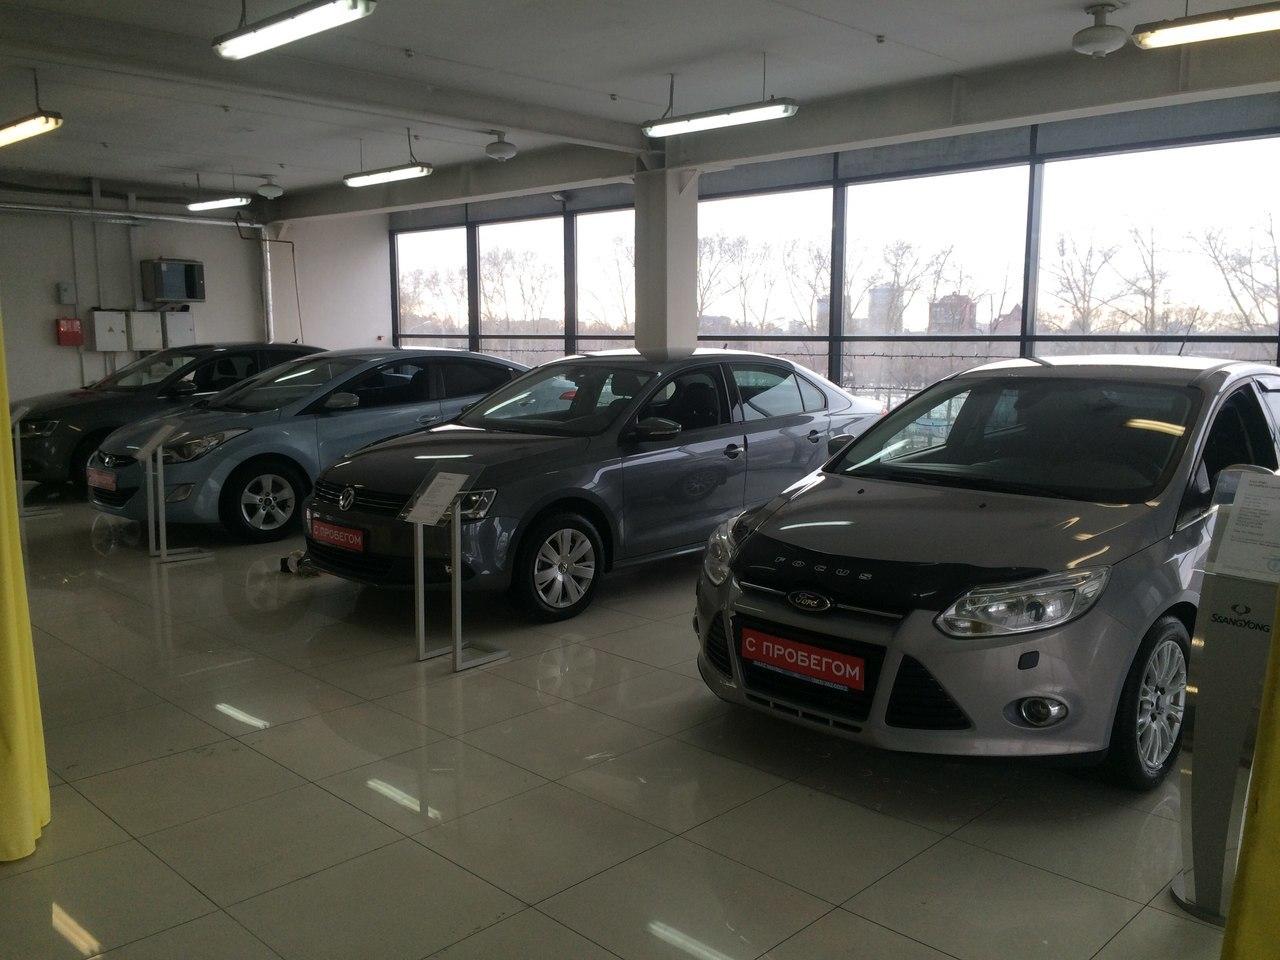 Объявление продать автомобиль новосибирск размещение объявлений услуг